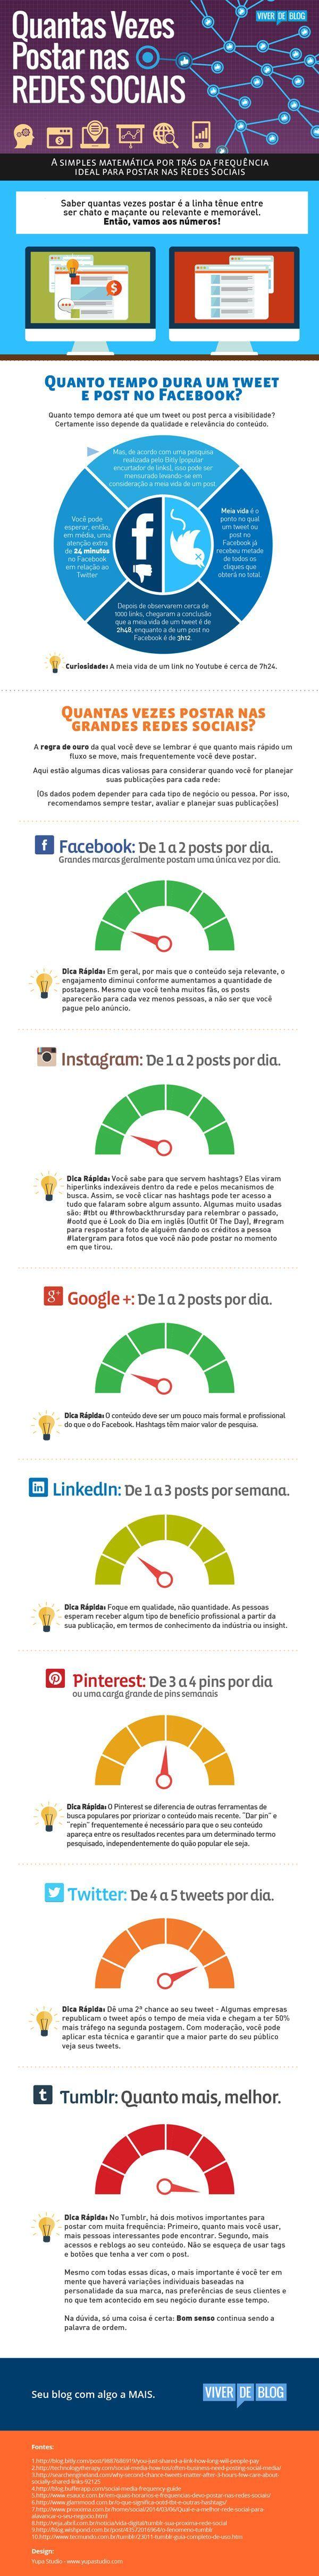 Quantas vezes postar nas redes sociais?